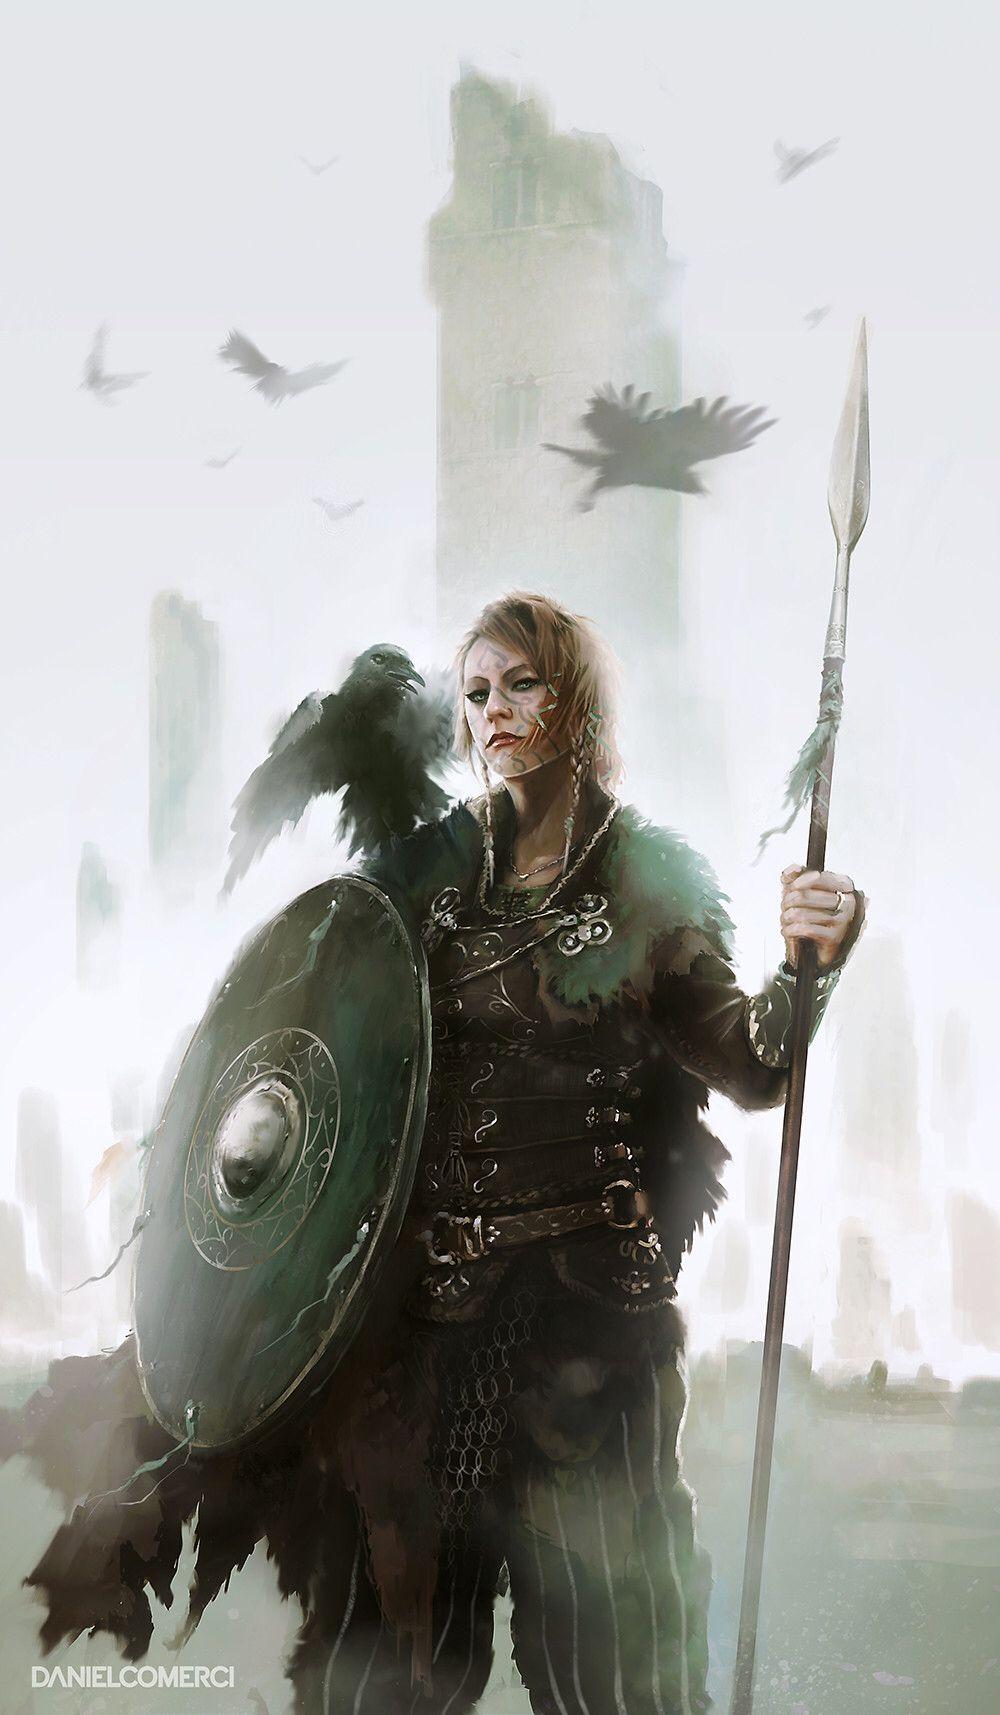 Fantasy Art Shield Maiden